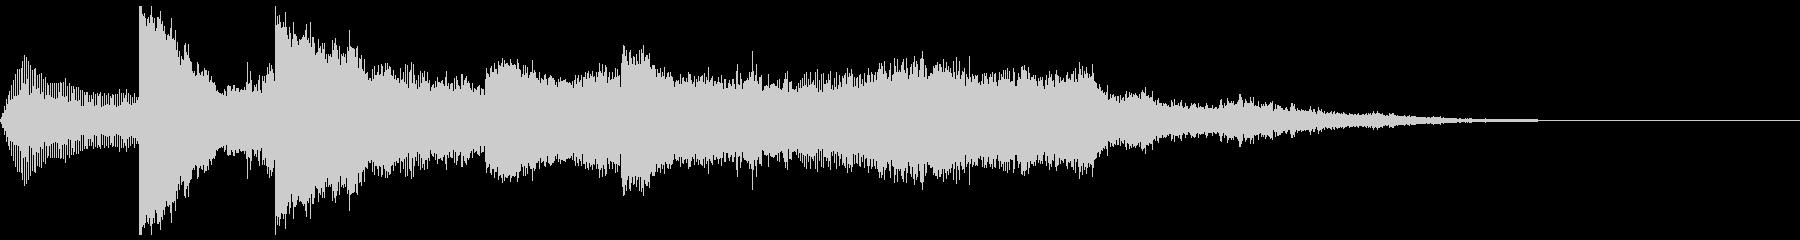 サウンドロゴ 5の未再生の波形